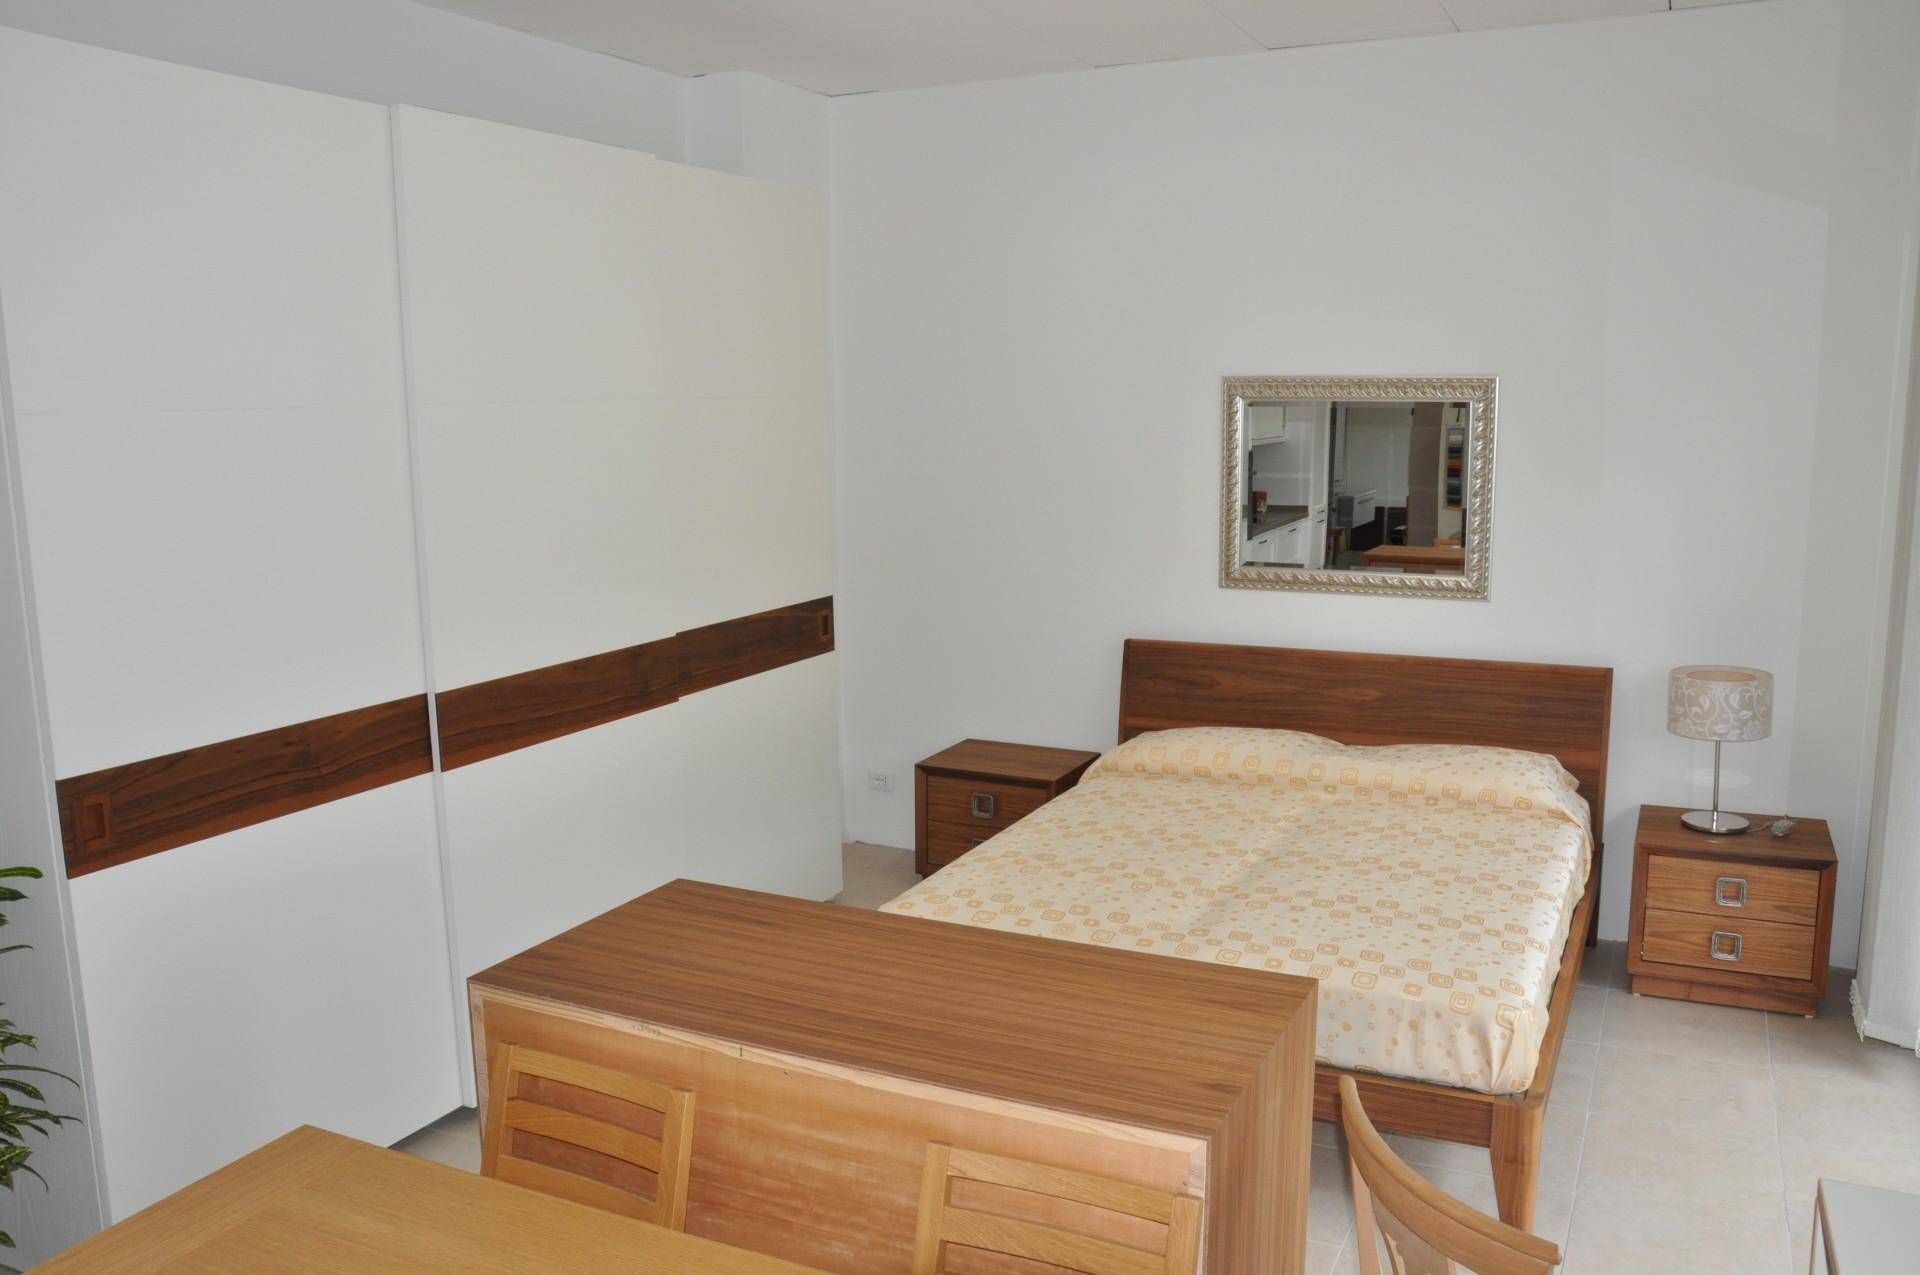 Camere da letto su misura | Fadini Mobili Cerea Verona